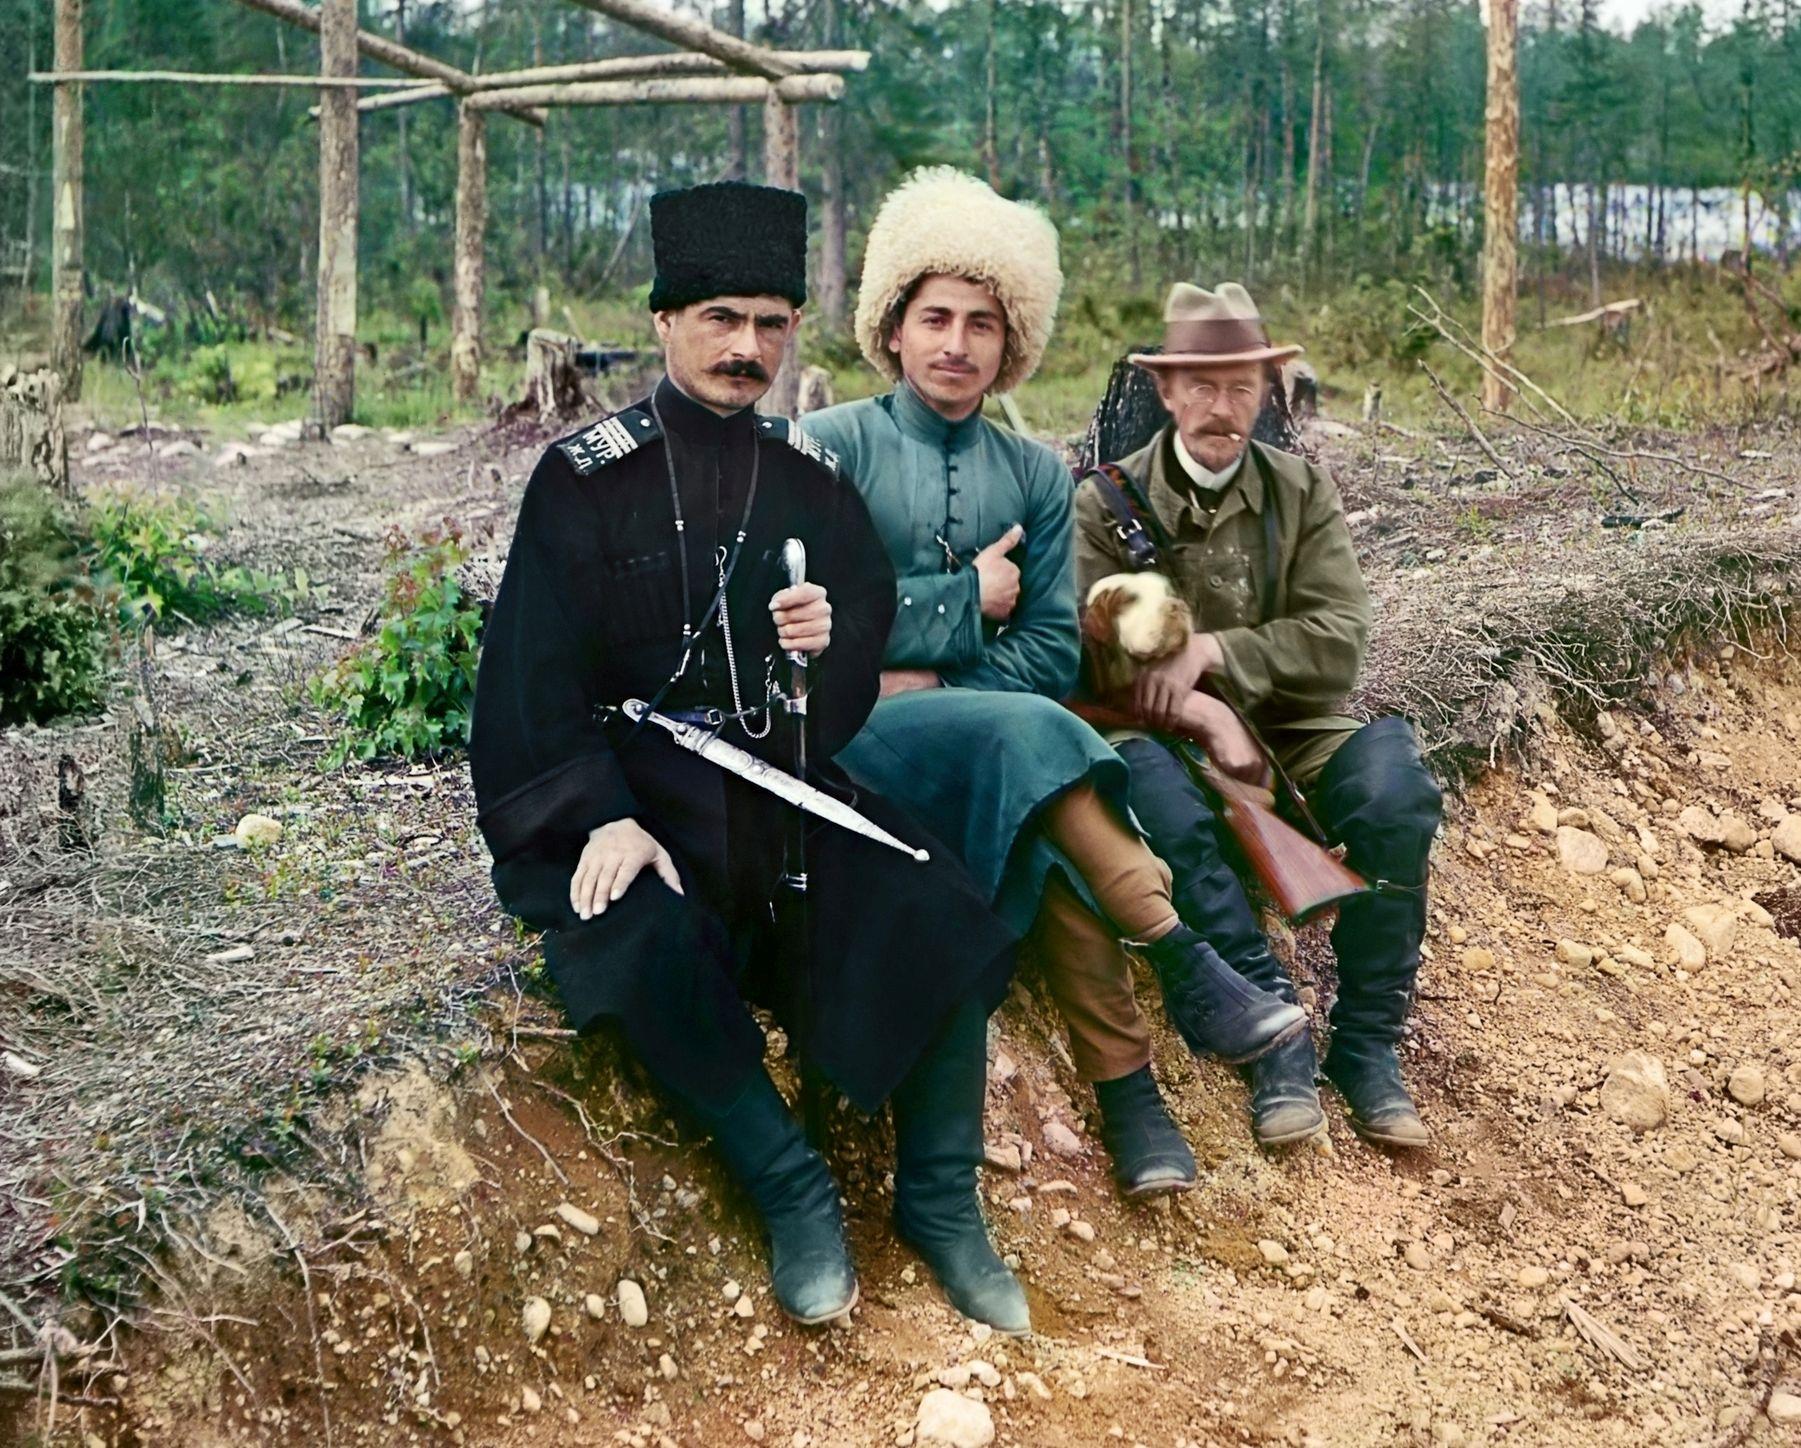 первые российские фотографы знаменита своими